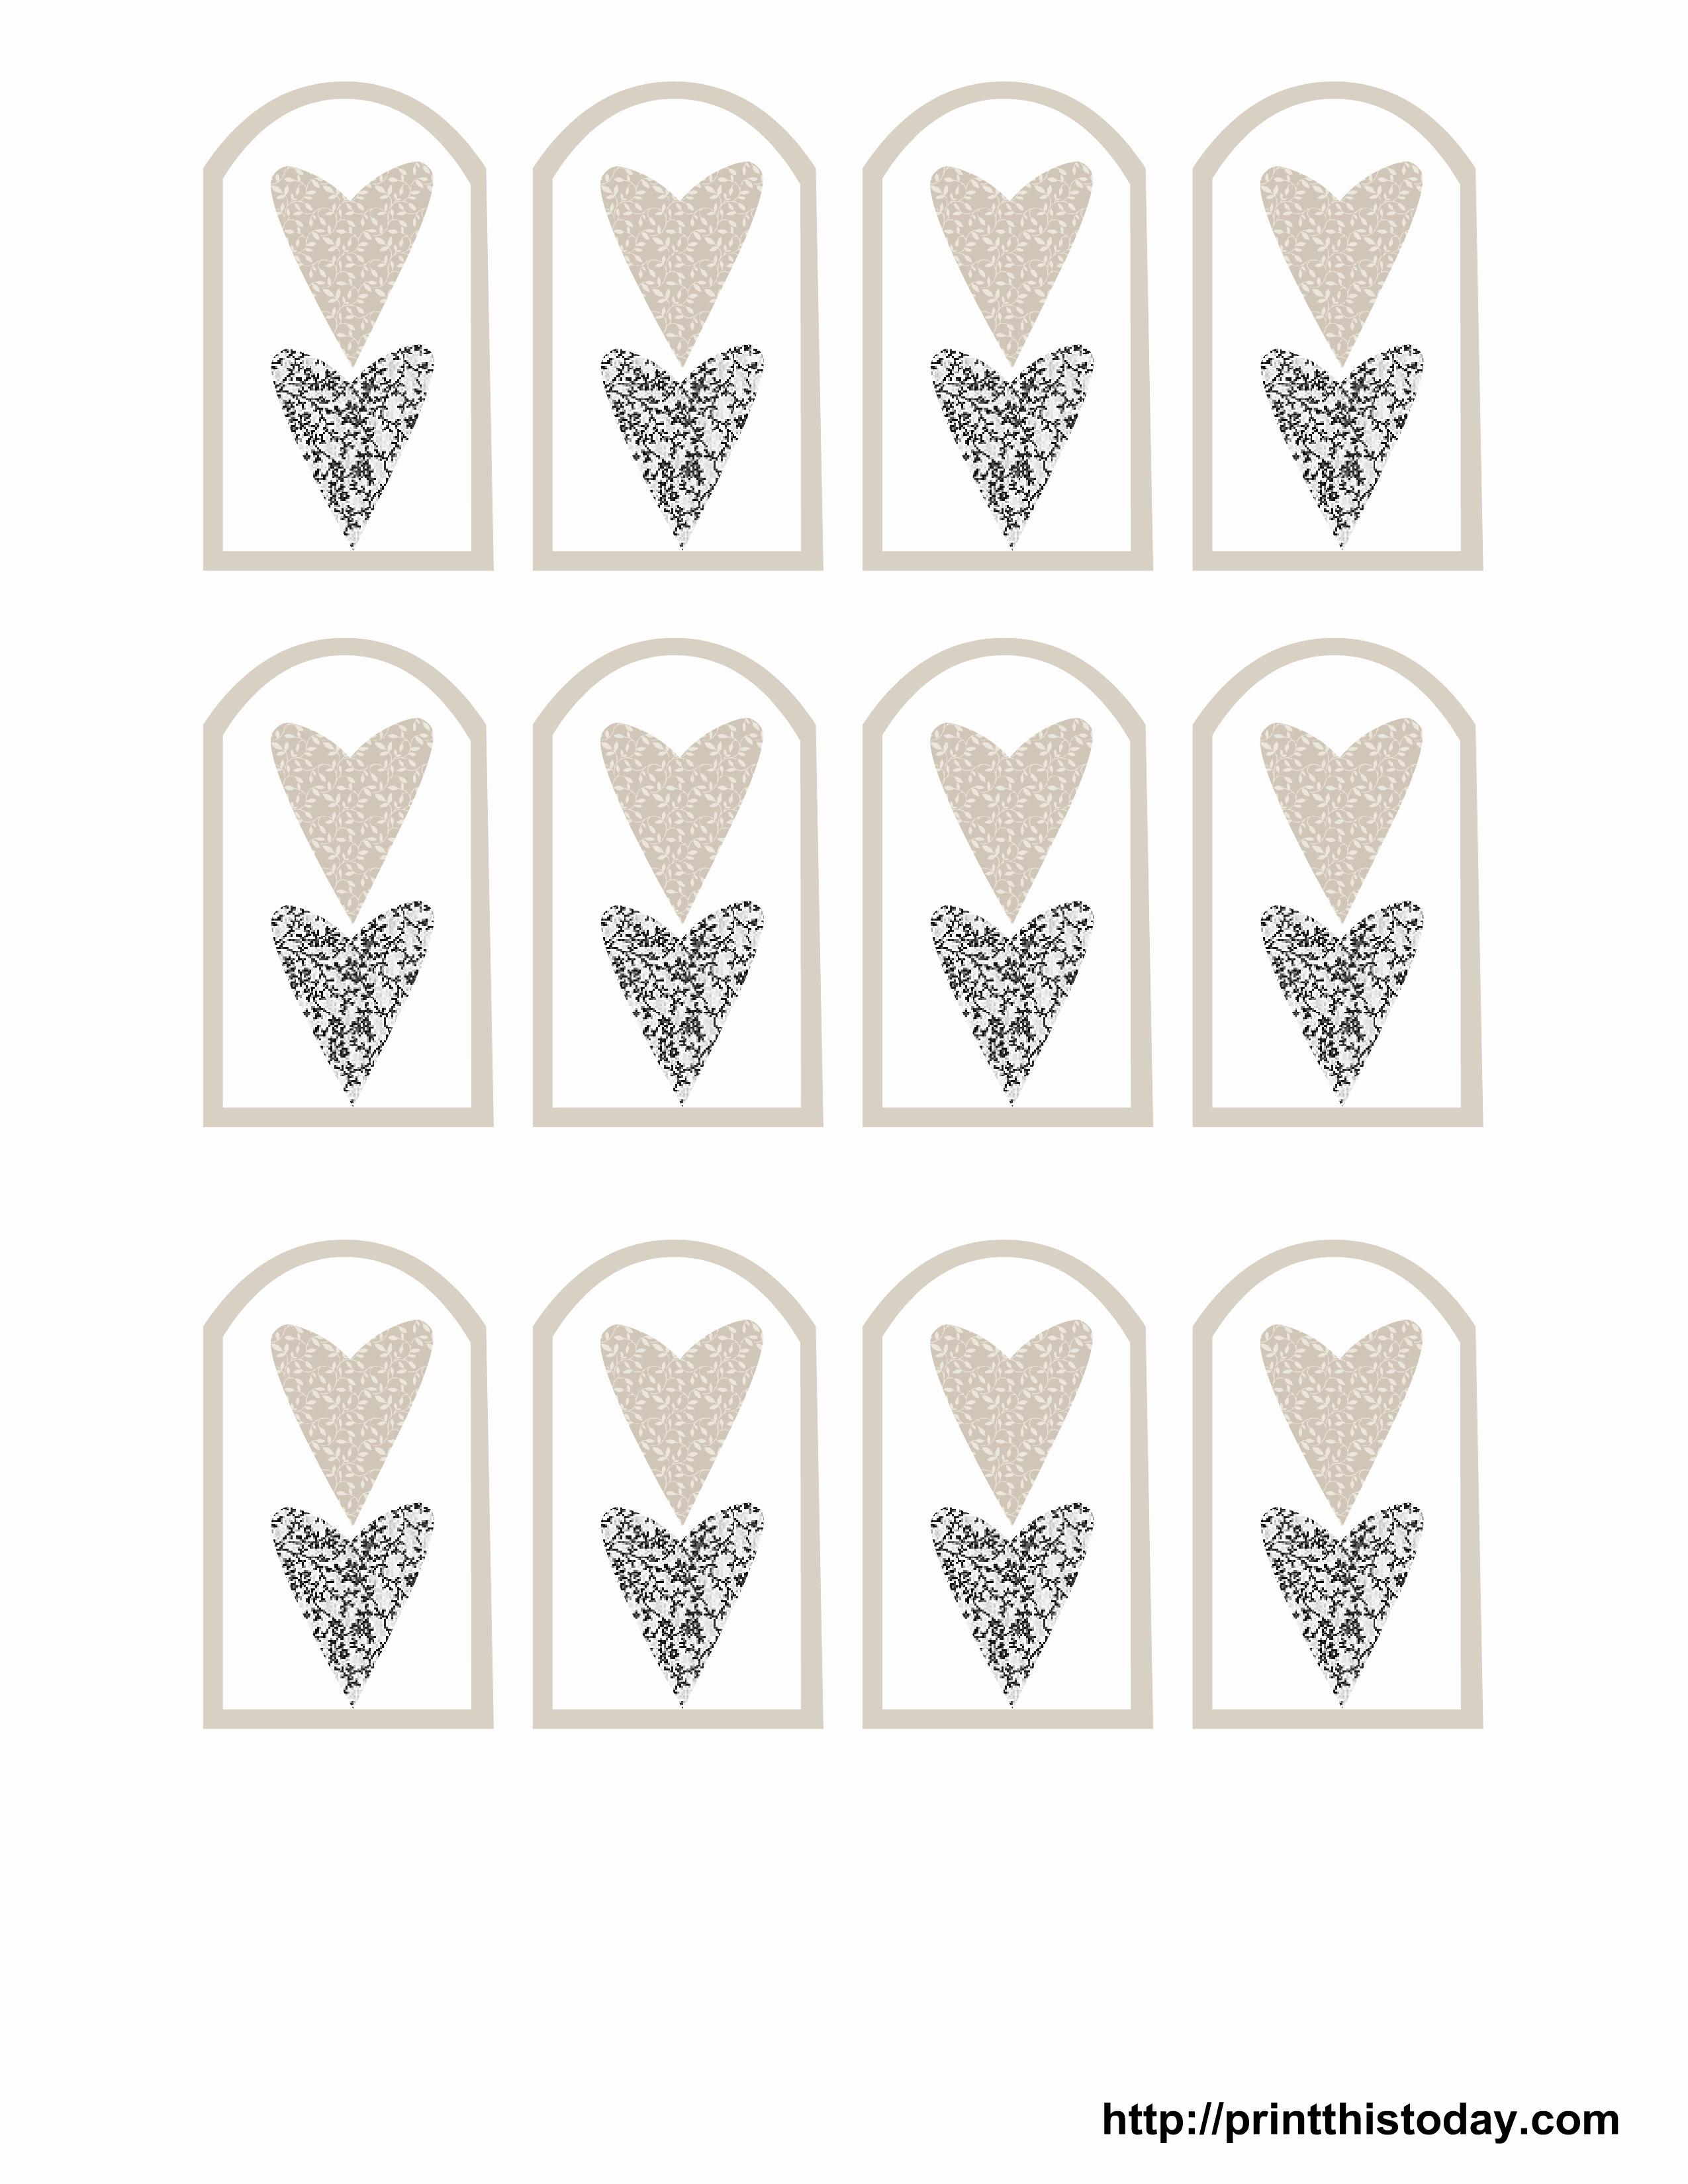 Free Printable Wedding Favor Tags – Pictimilitude - Free Printable Wedding Favor Tags